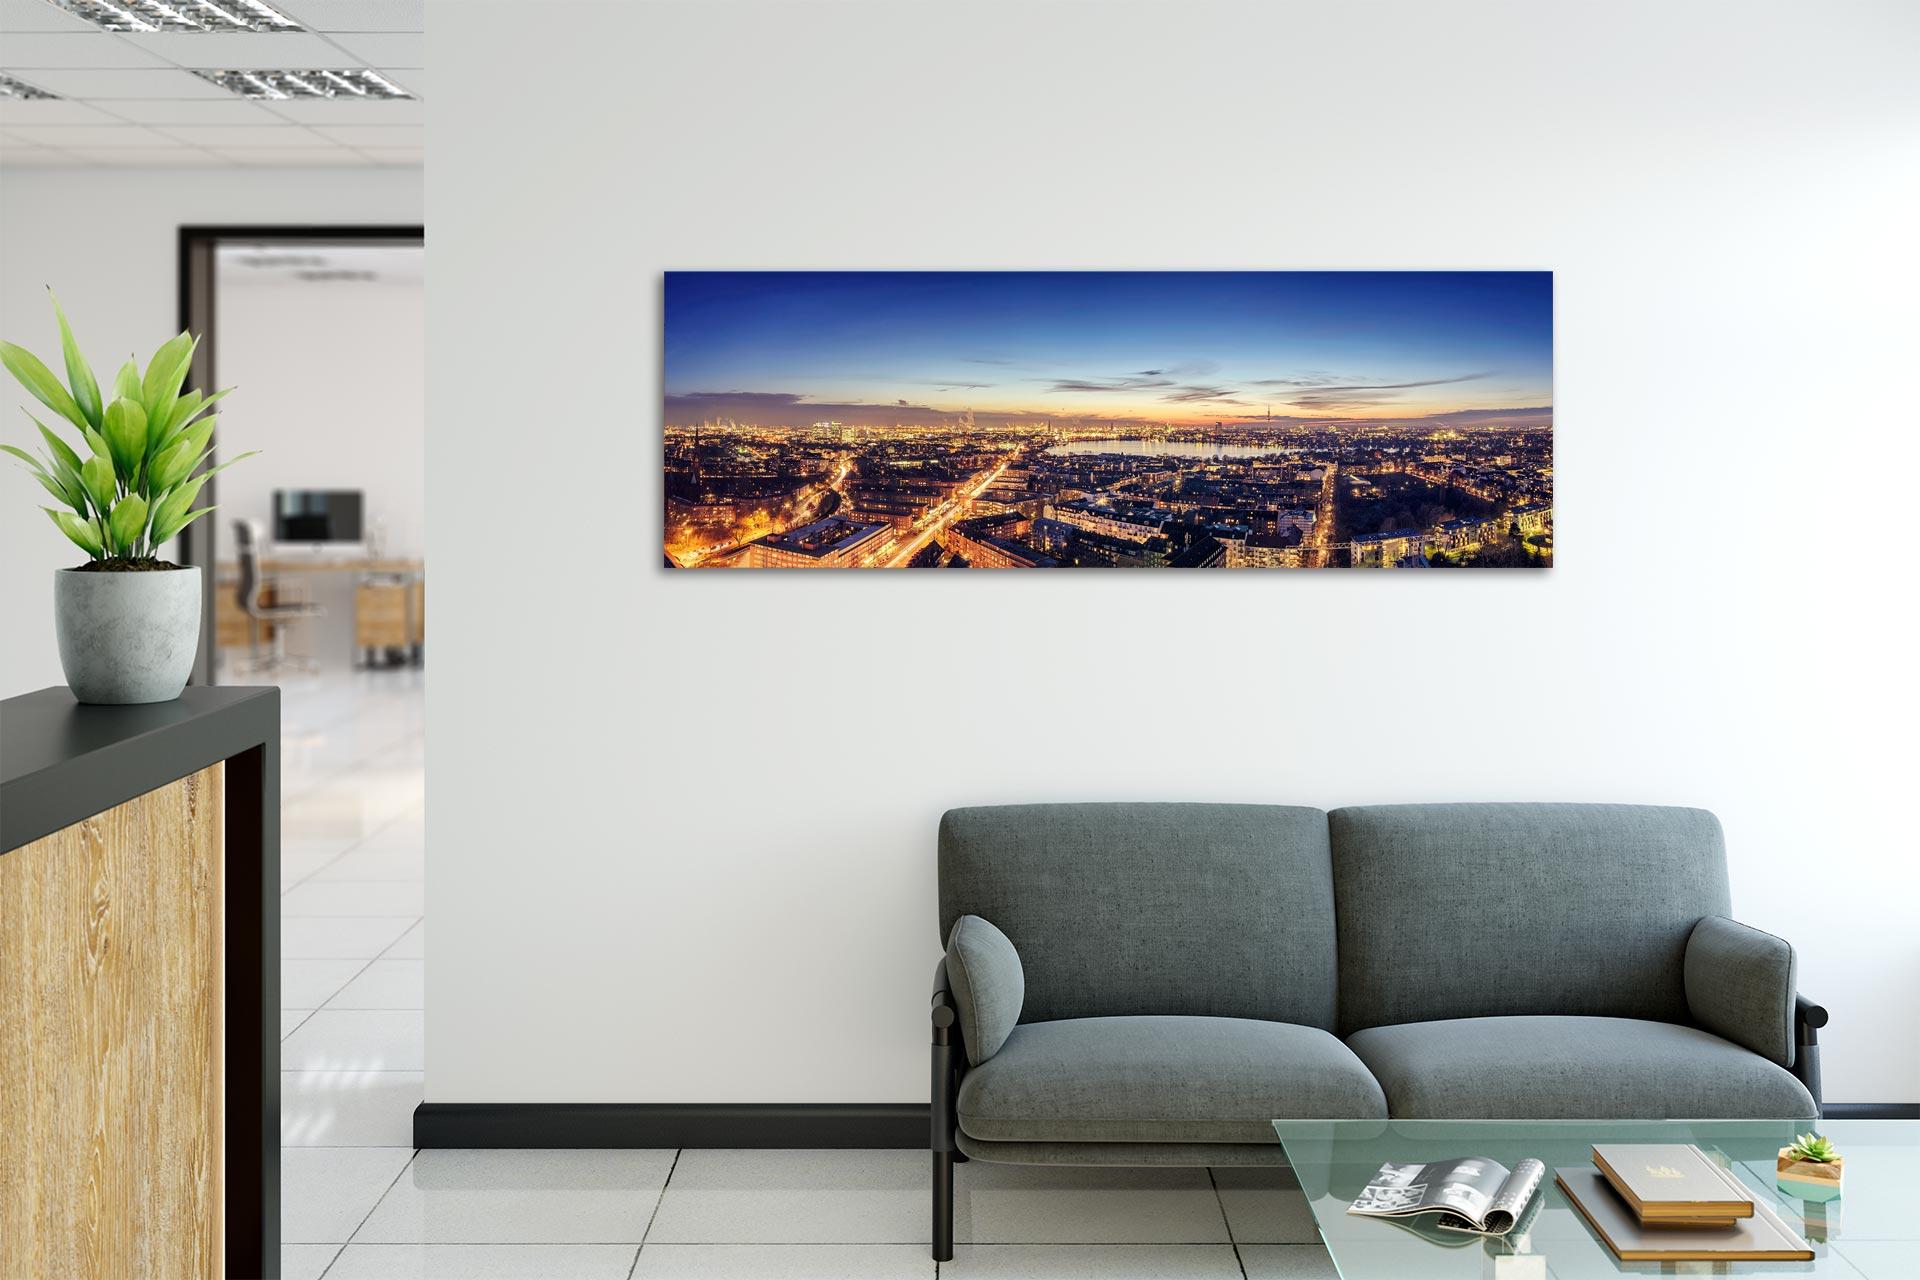 TG312-skyline-hamburg-wandbild-auf-leinwand-acrylglas-aludibond-empfang